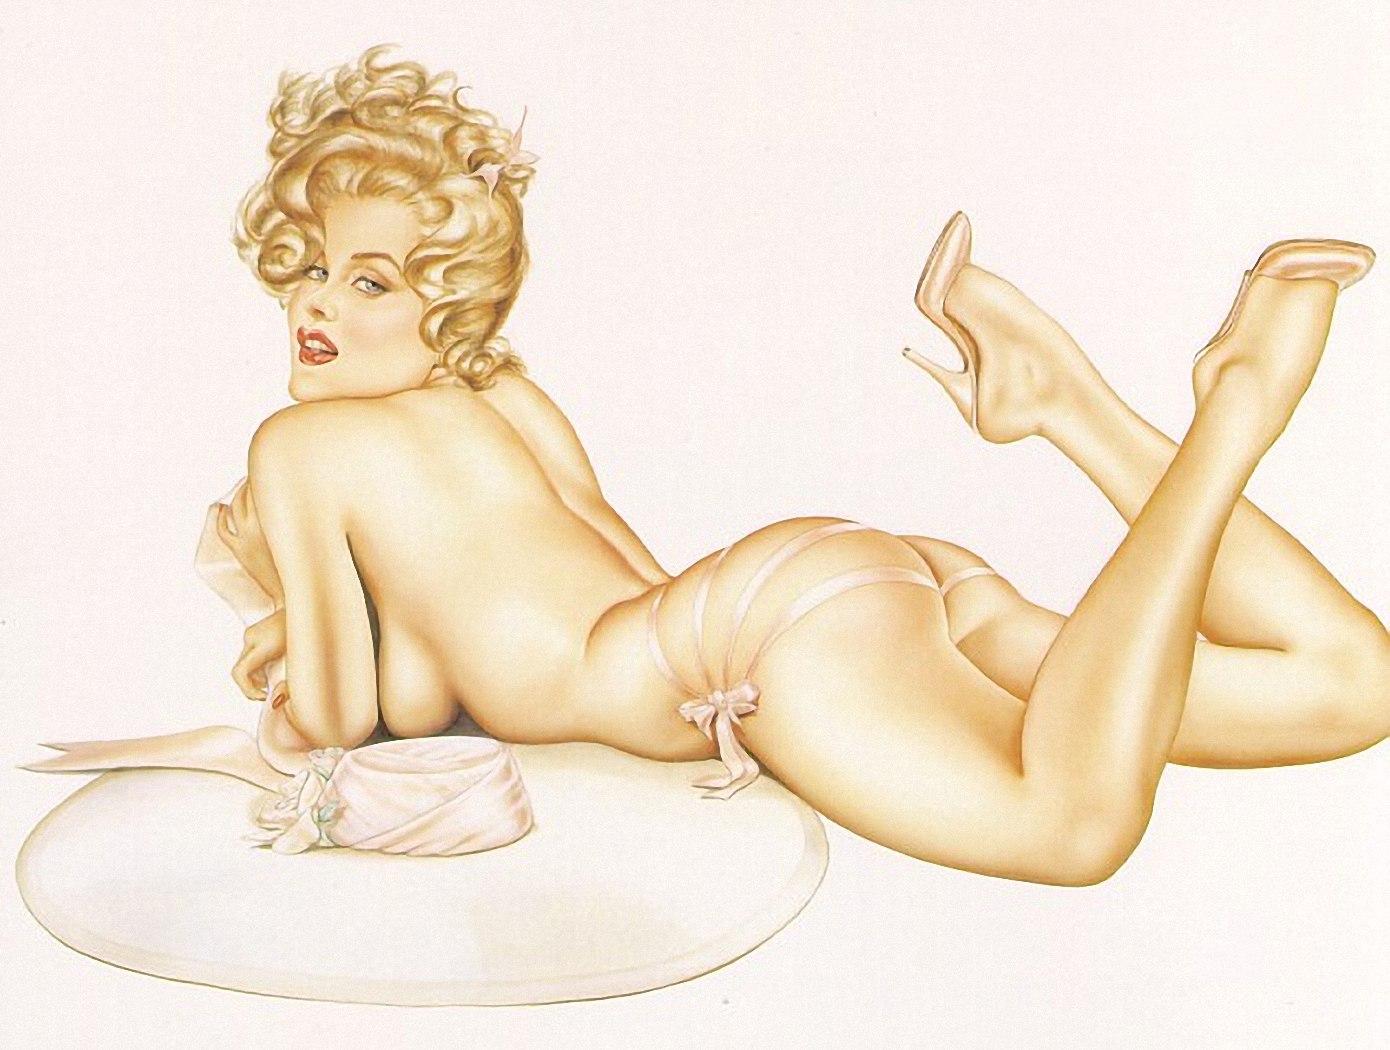 Рисовать фото эротика, Рисунки голых девушек - эротические картинки 4 фотография